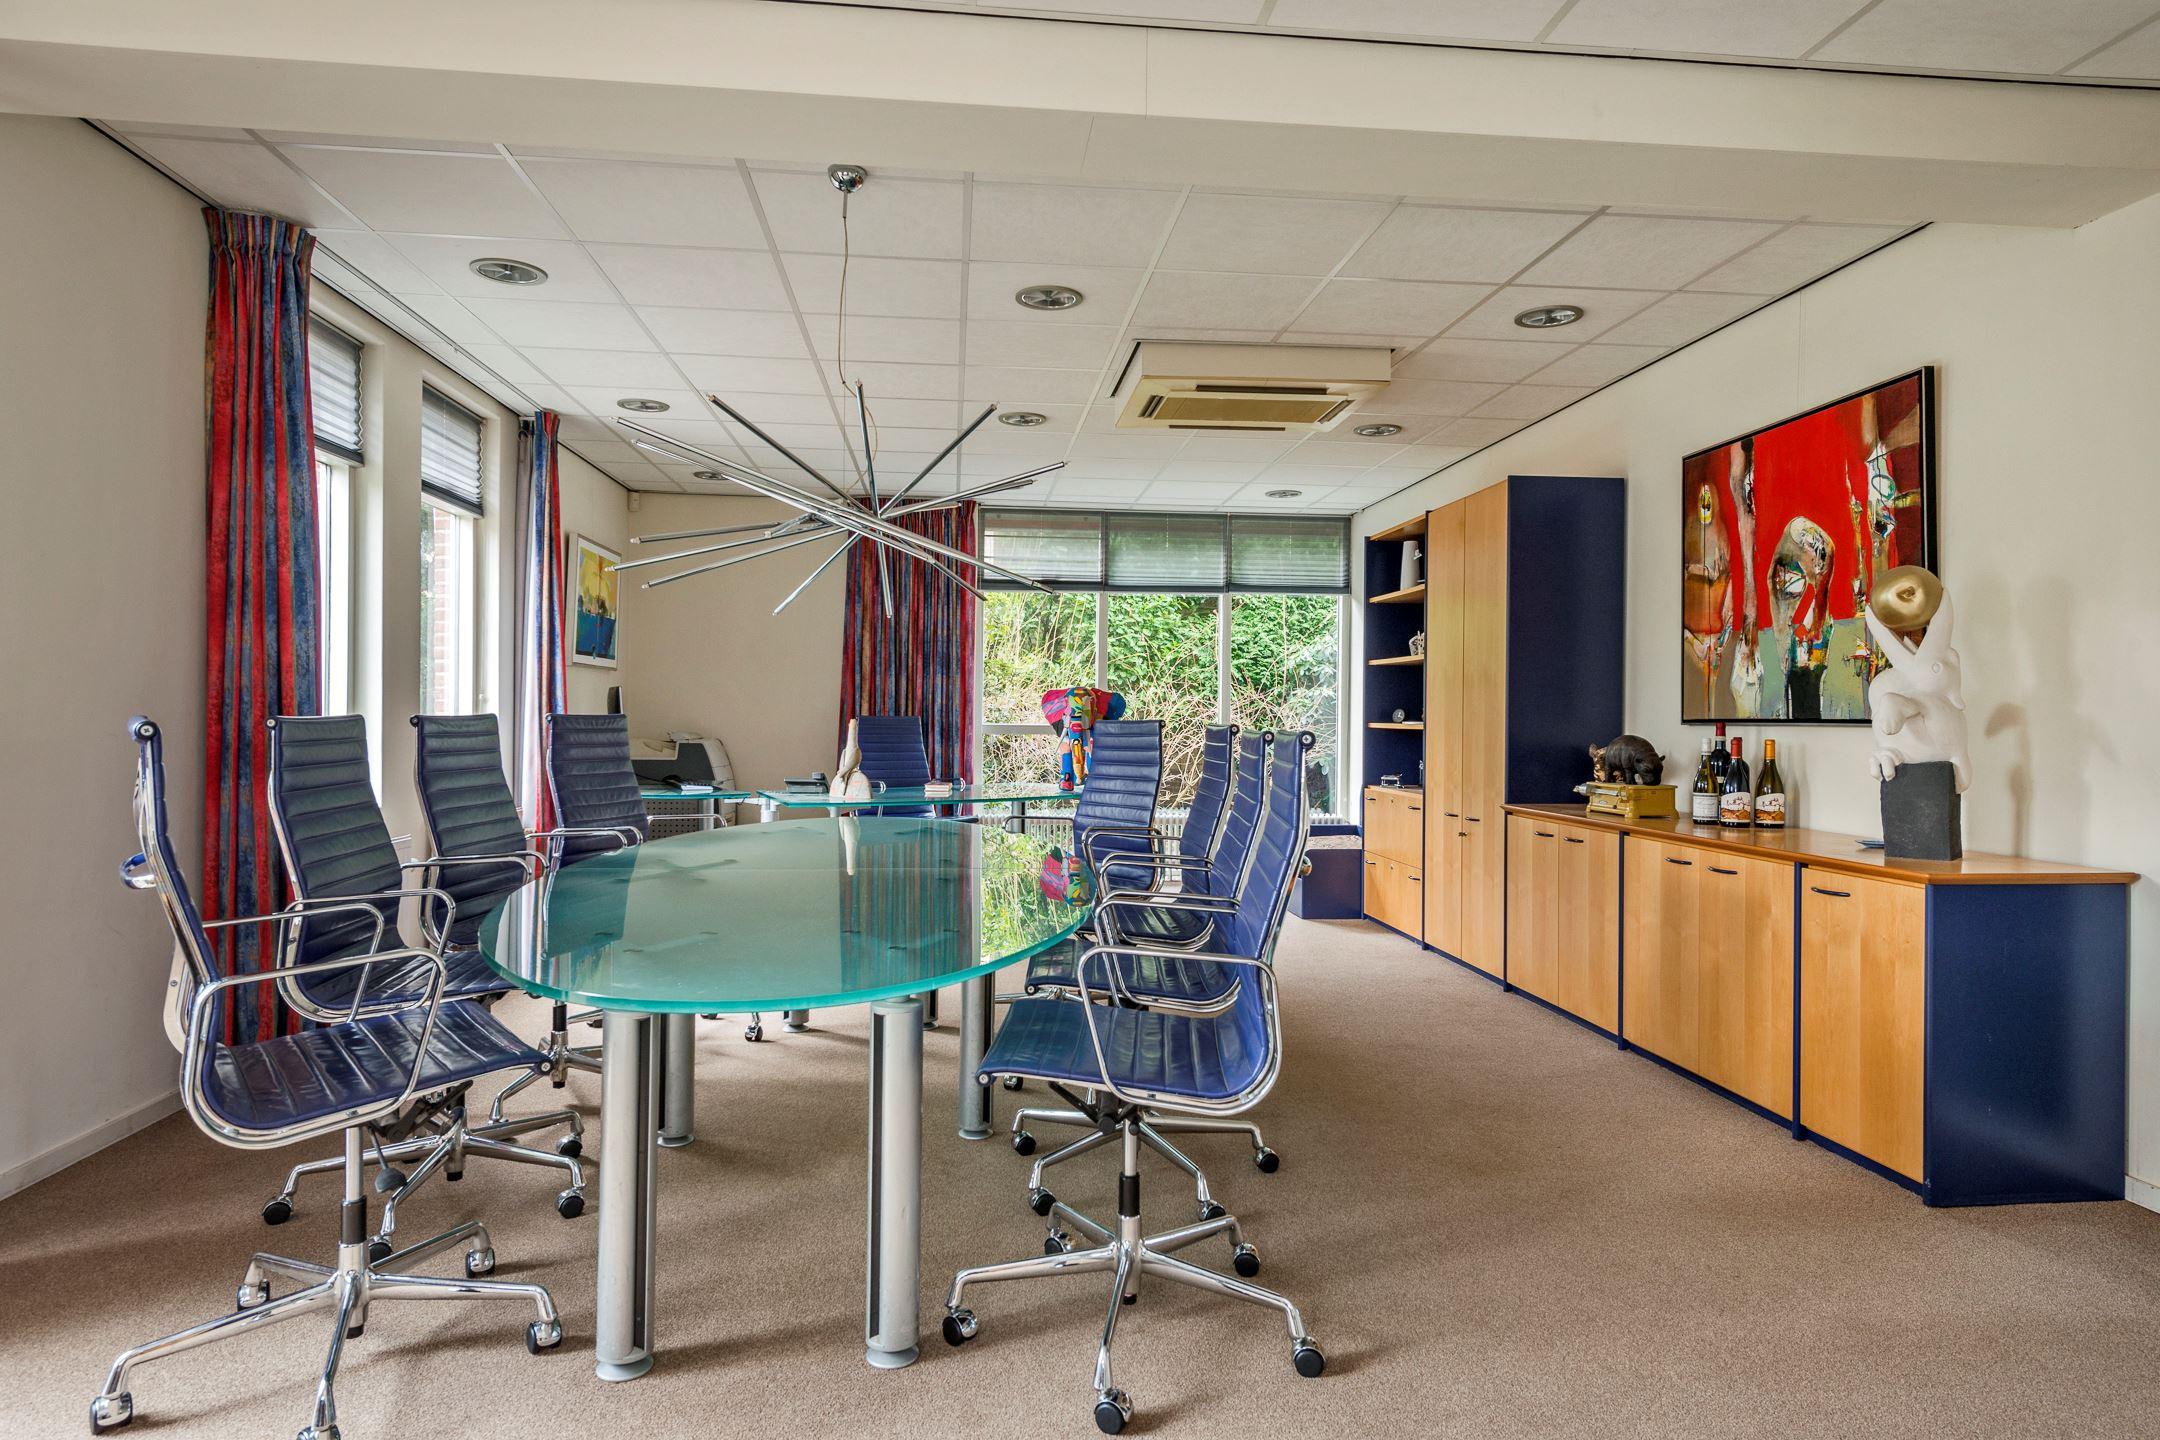 Kantoor Bennekom | Zoek kantoren te koop: Kierkamperweg 23 6721 TE ...